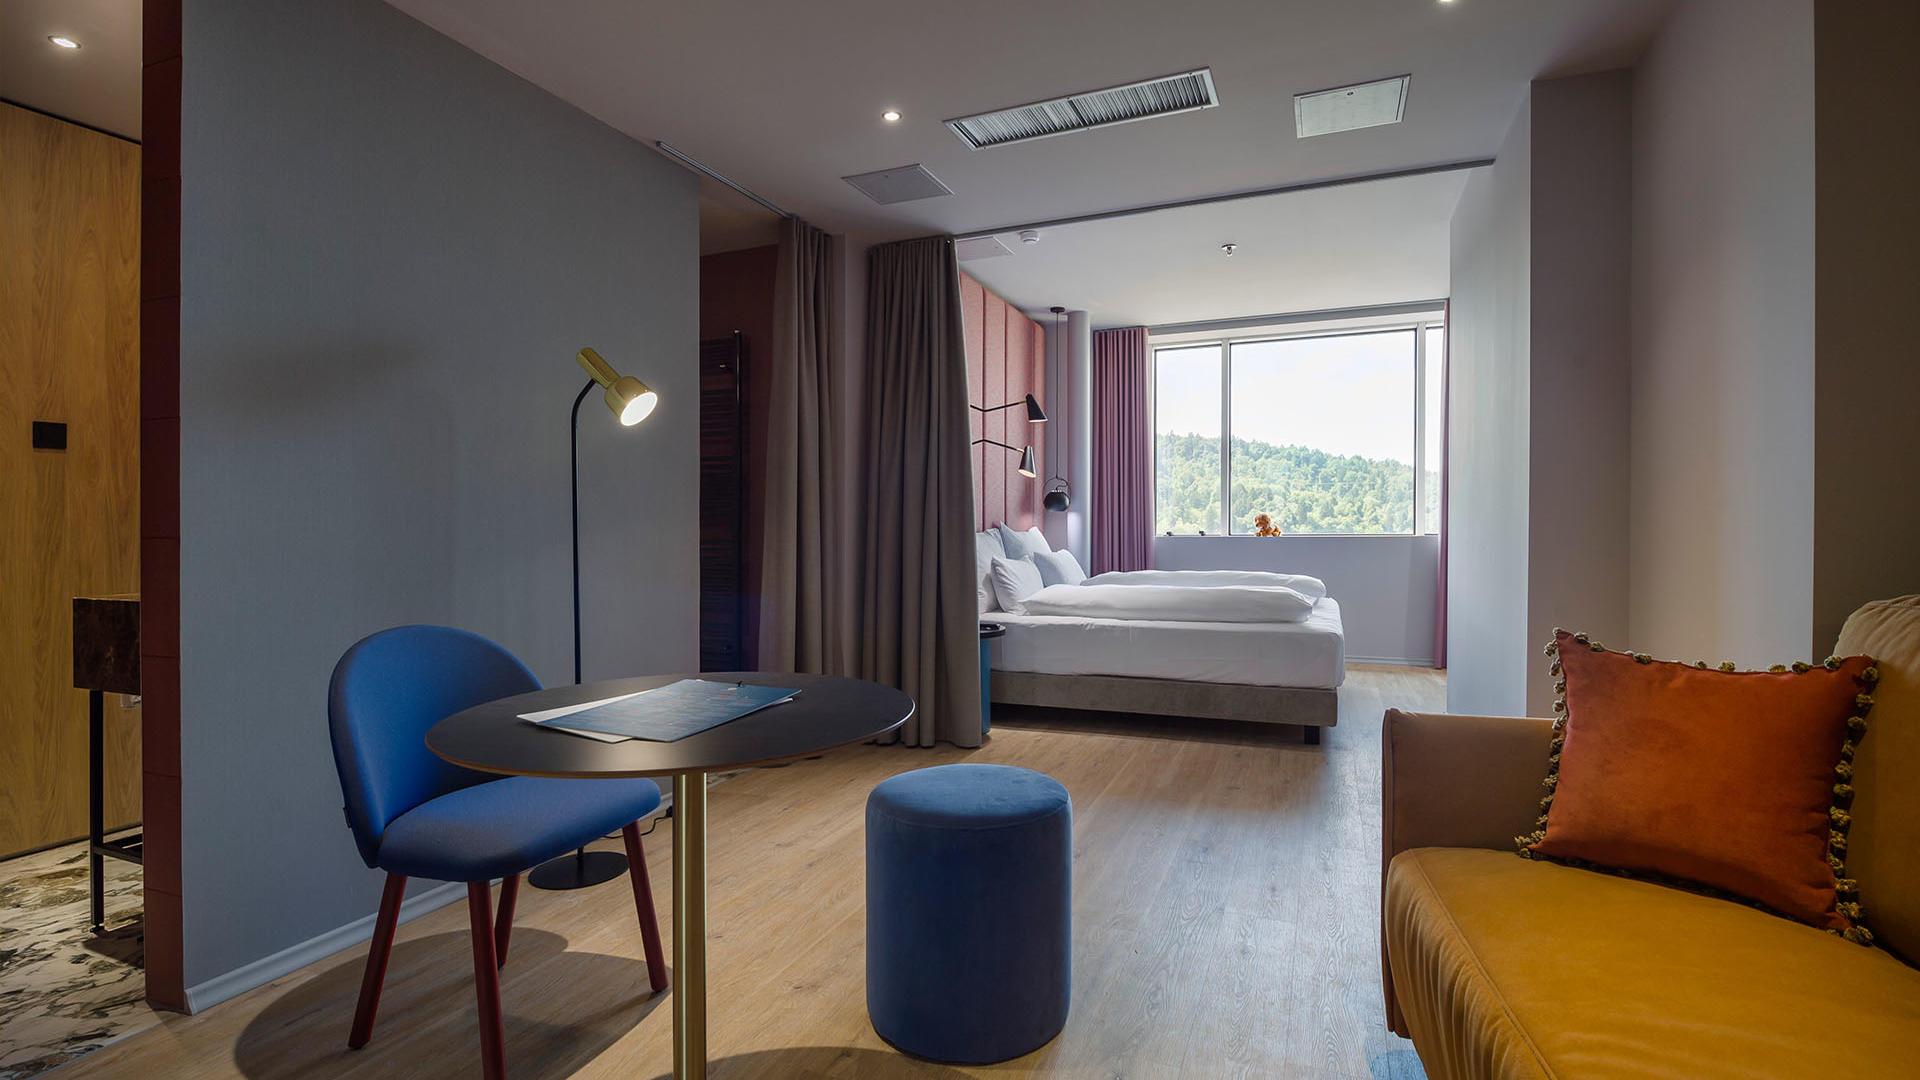 Premier Suite at Hotel LEV in Ljubljana